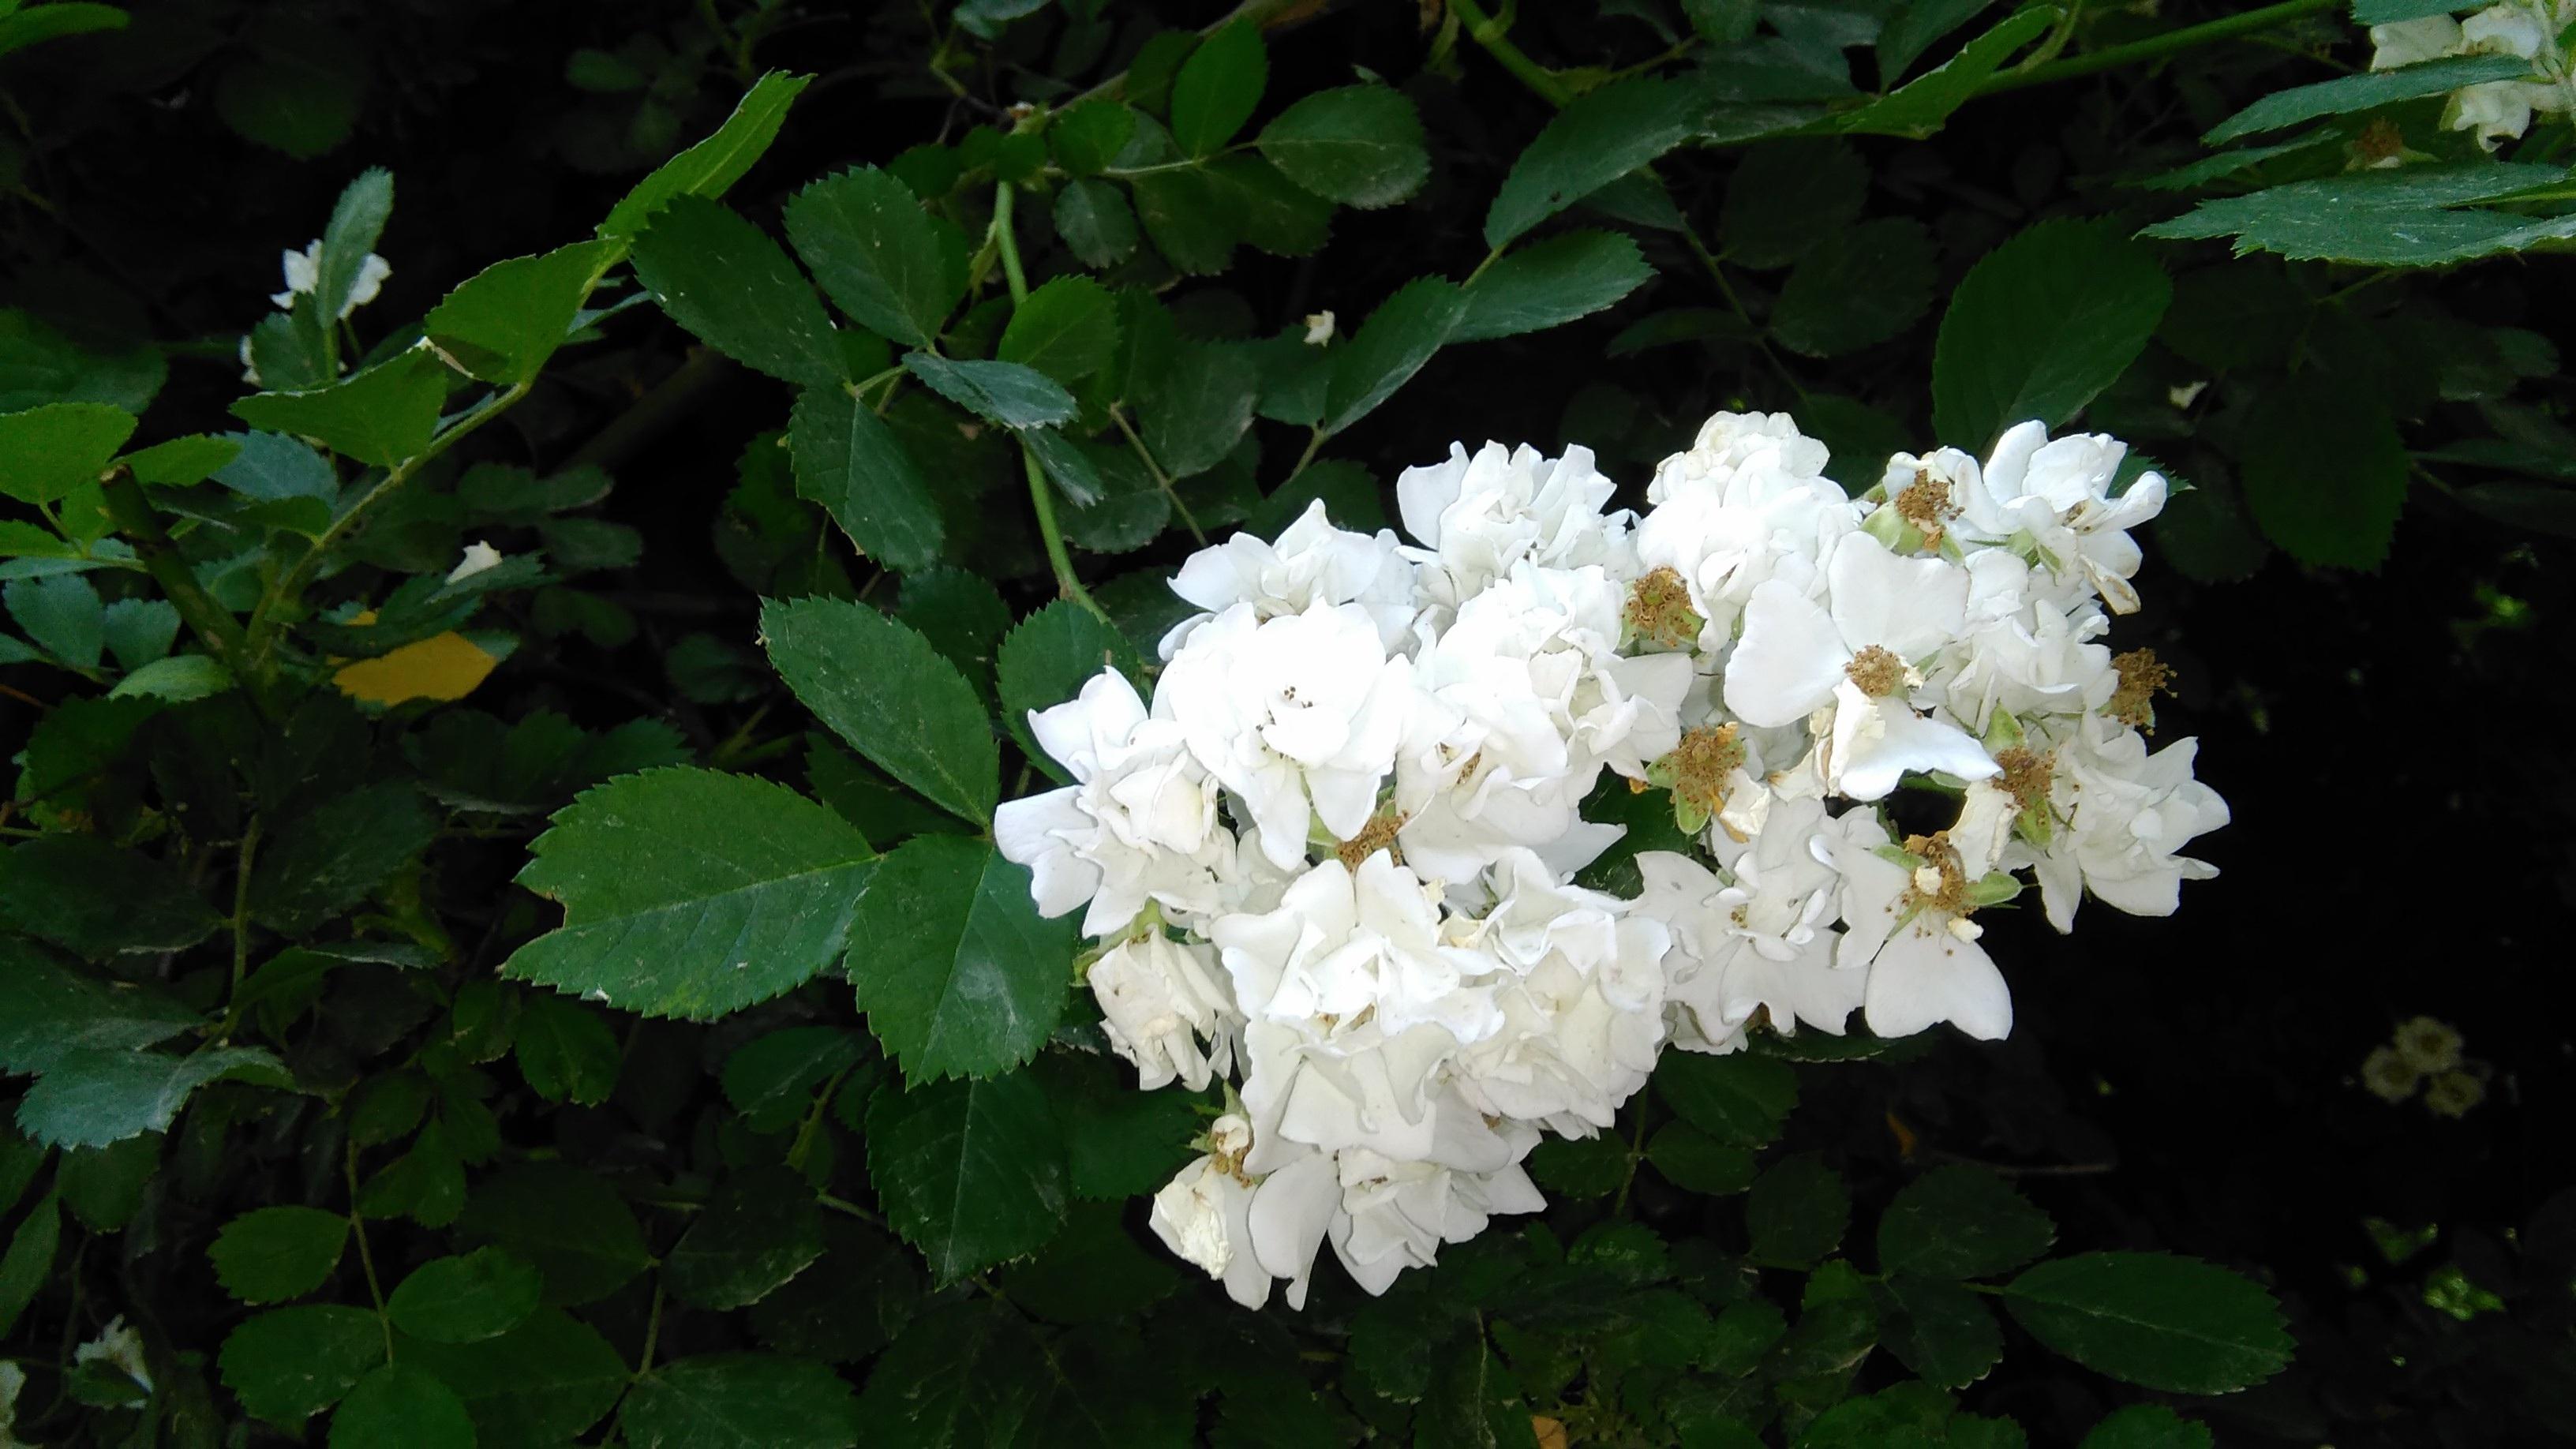 Free Images Blossom Botany Garden Flora White Flower Shrub